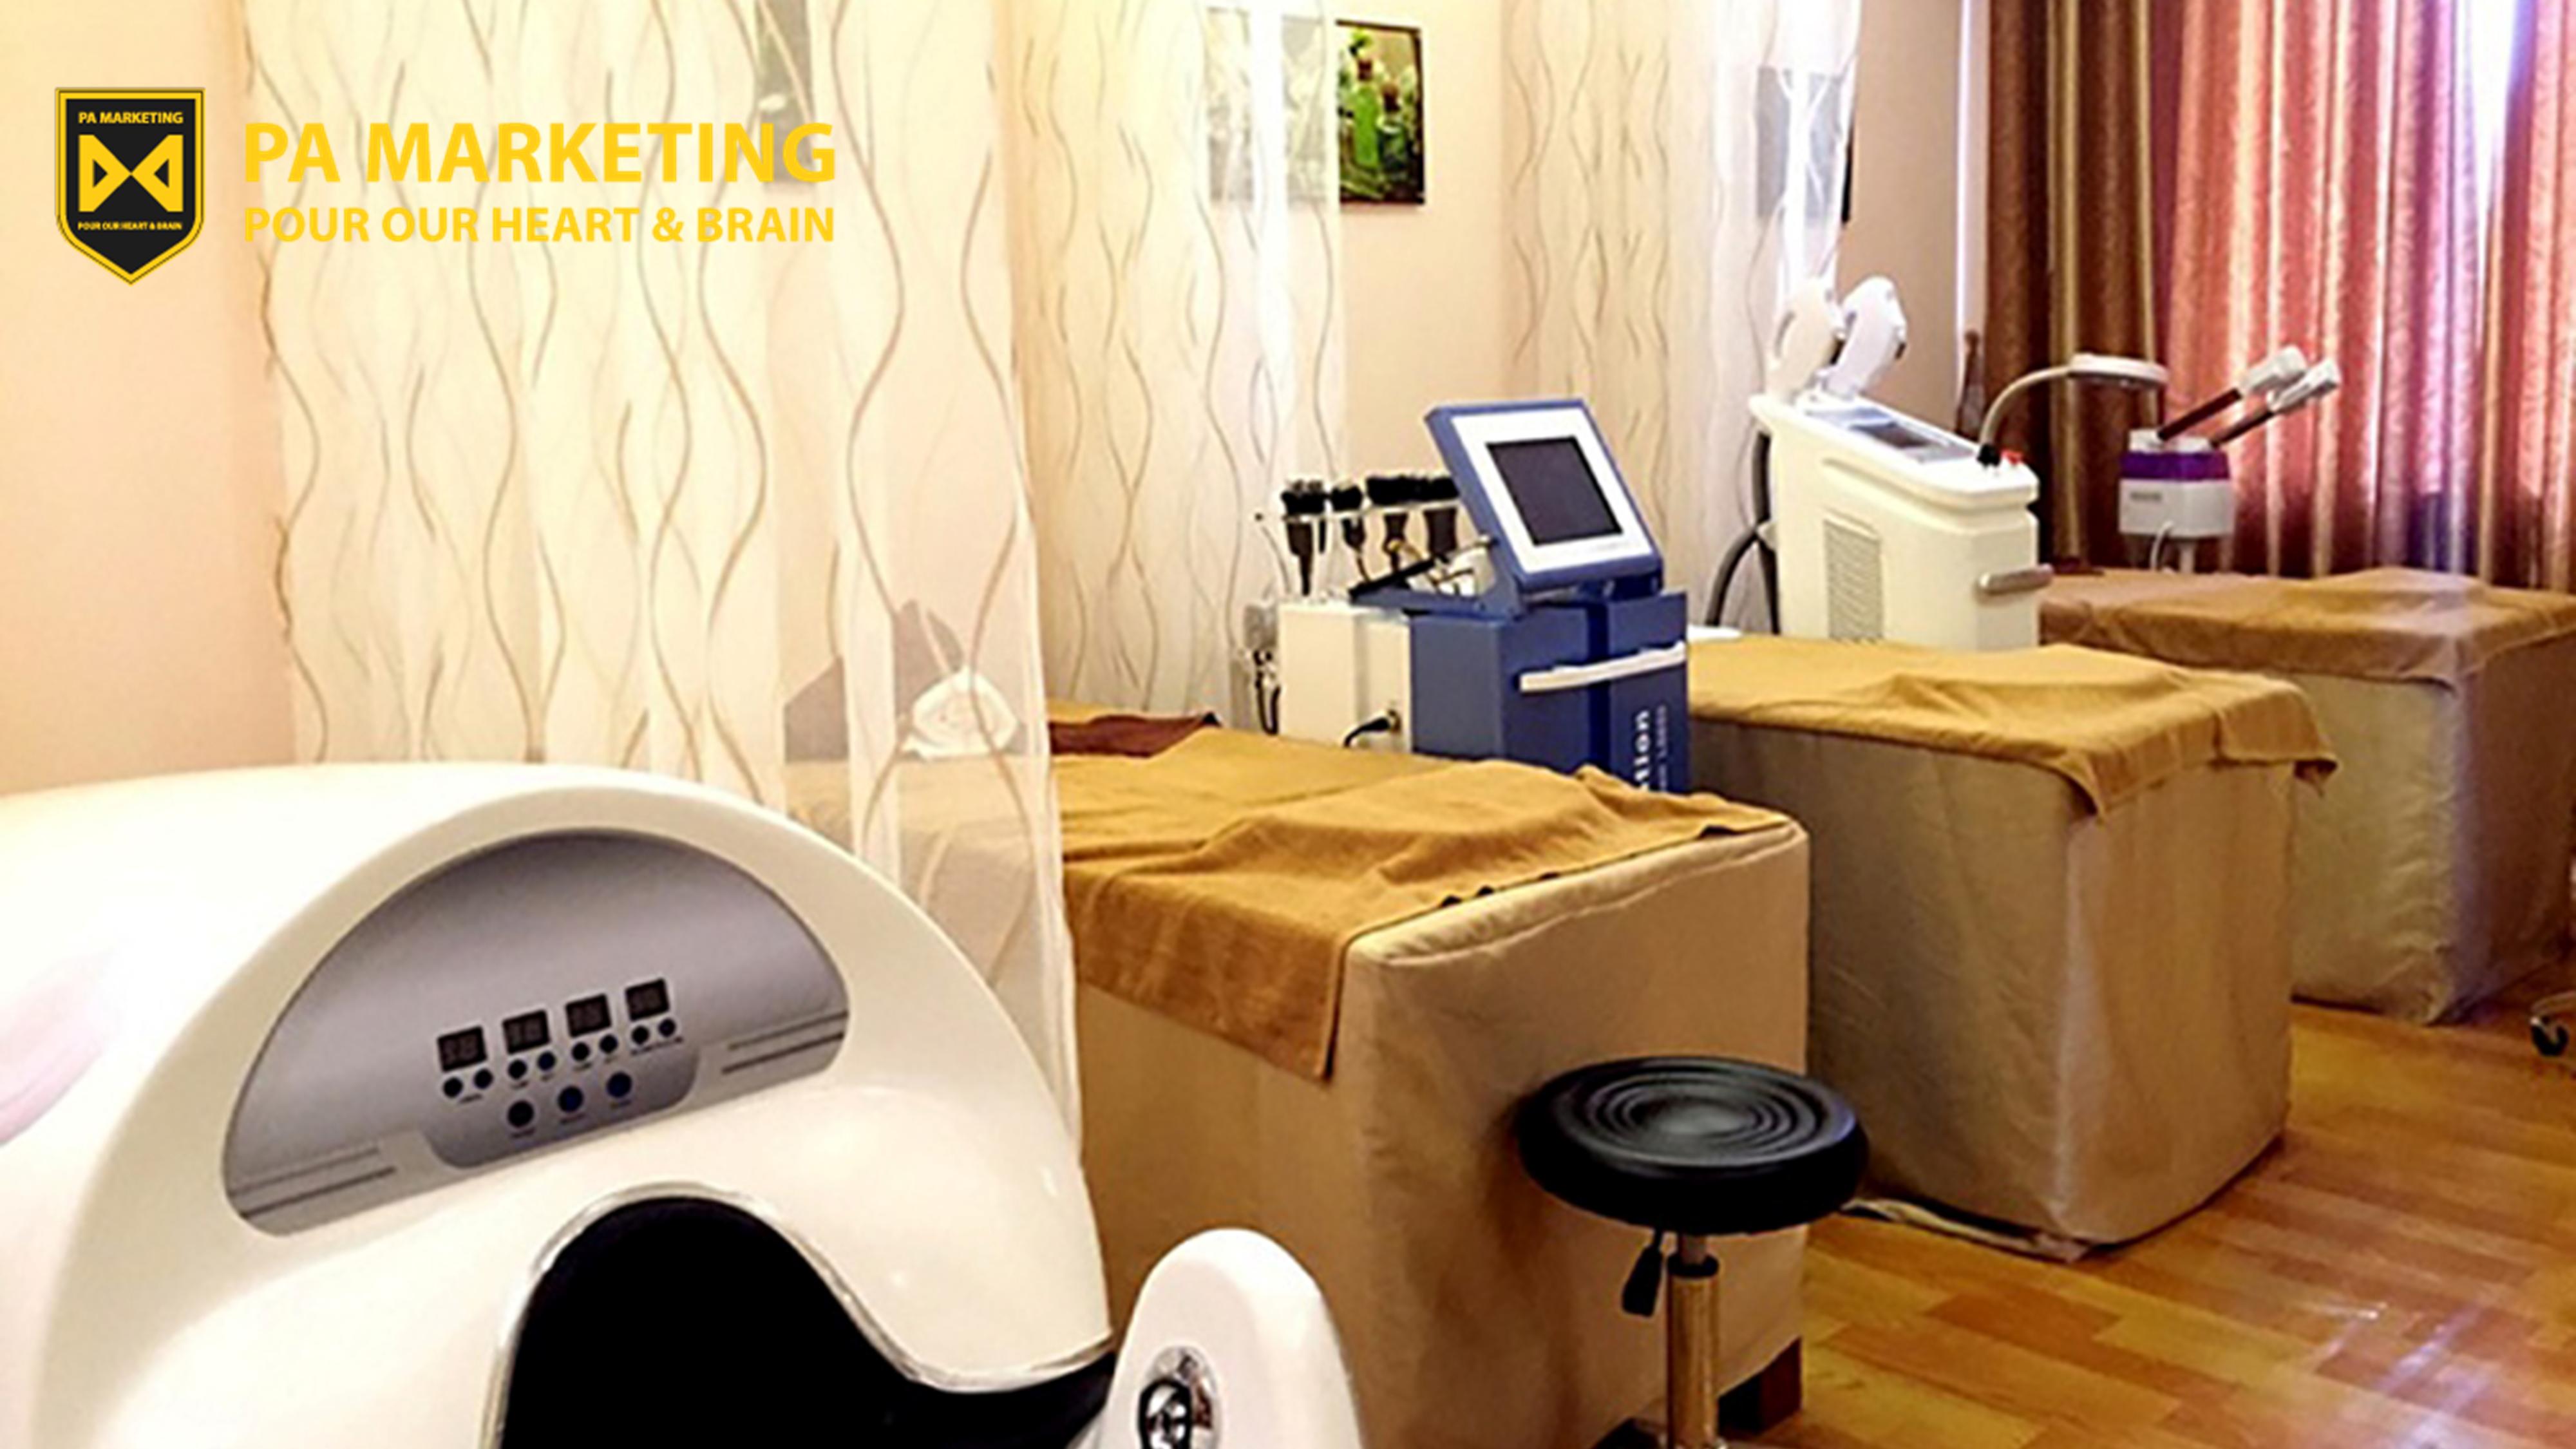 Giải pháp nâng cao chất lượng sản phẩm, máy móc và thiết bị ngành làm đẹp